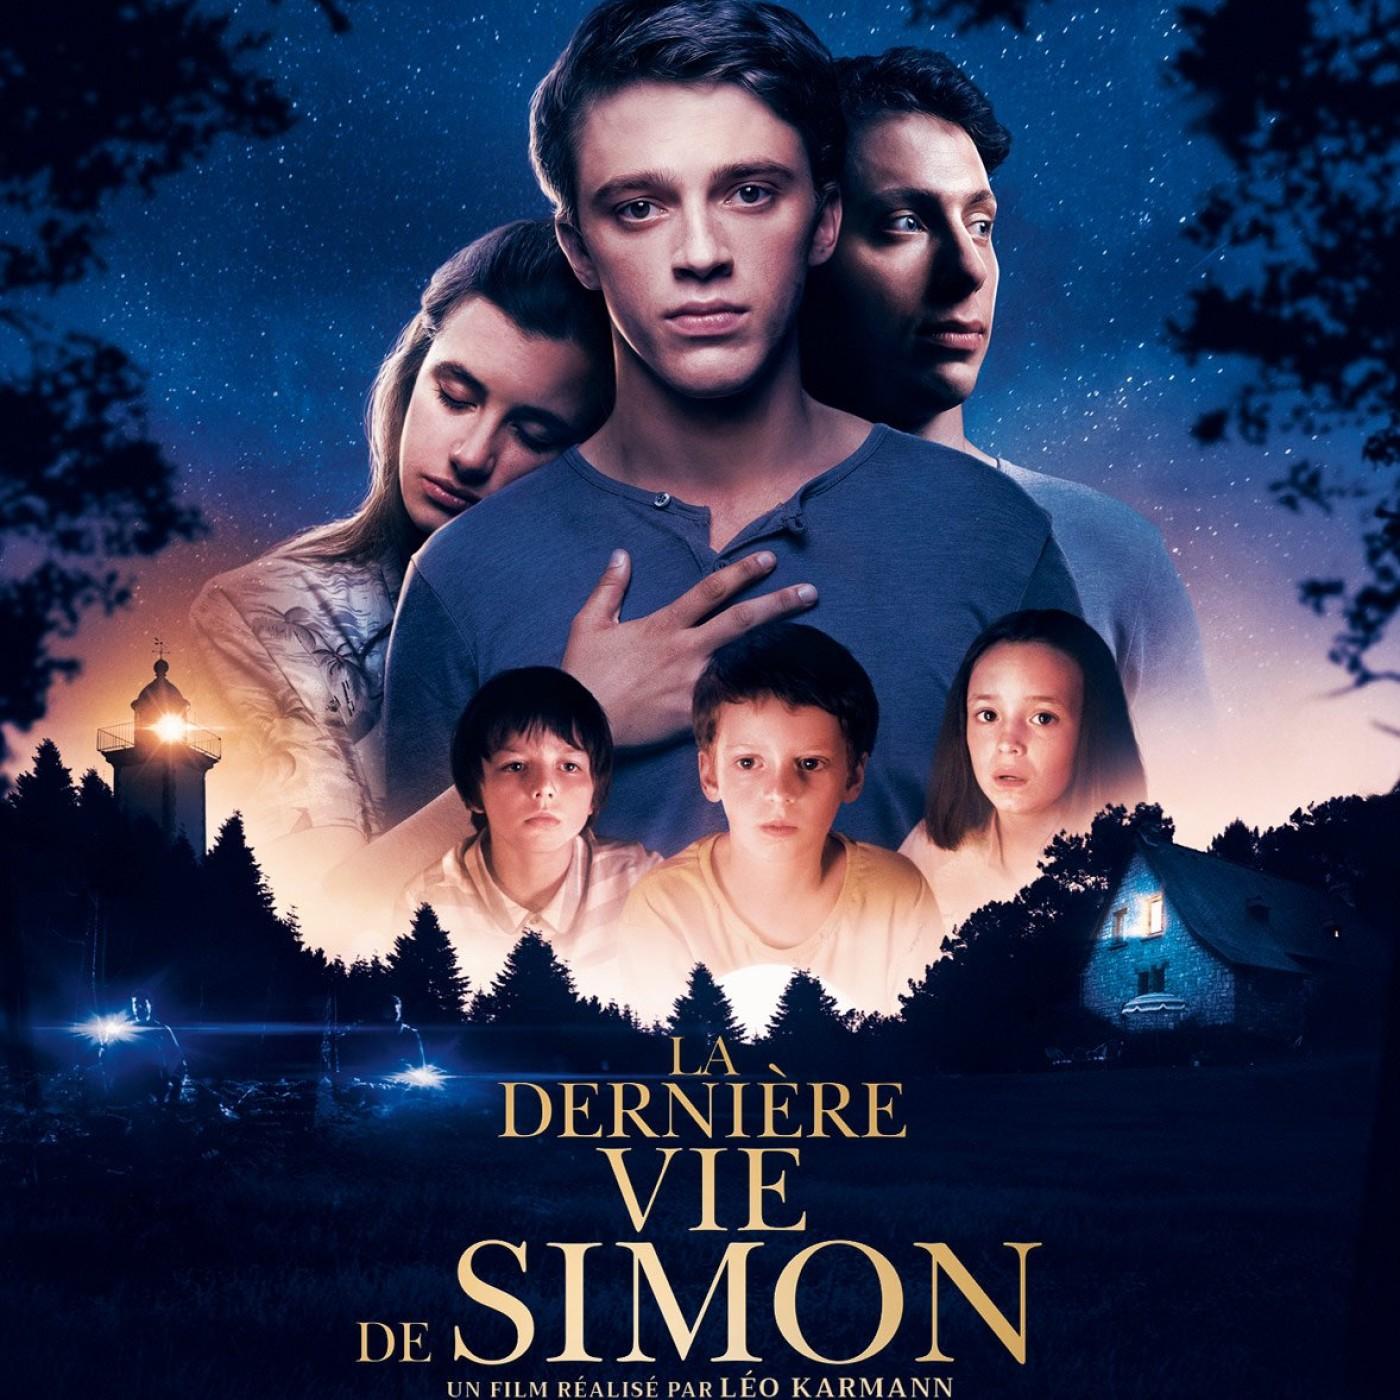 Critique du Film LA DERNIÈRE VIE DE SIMON